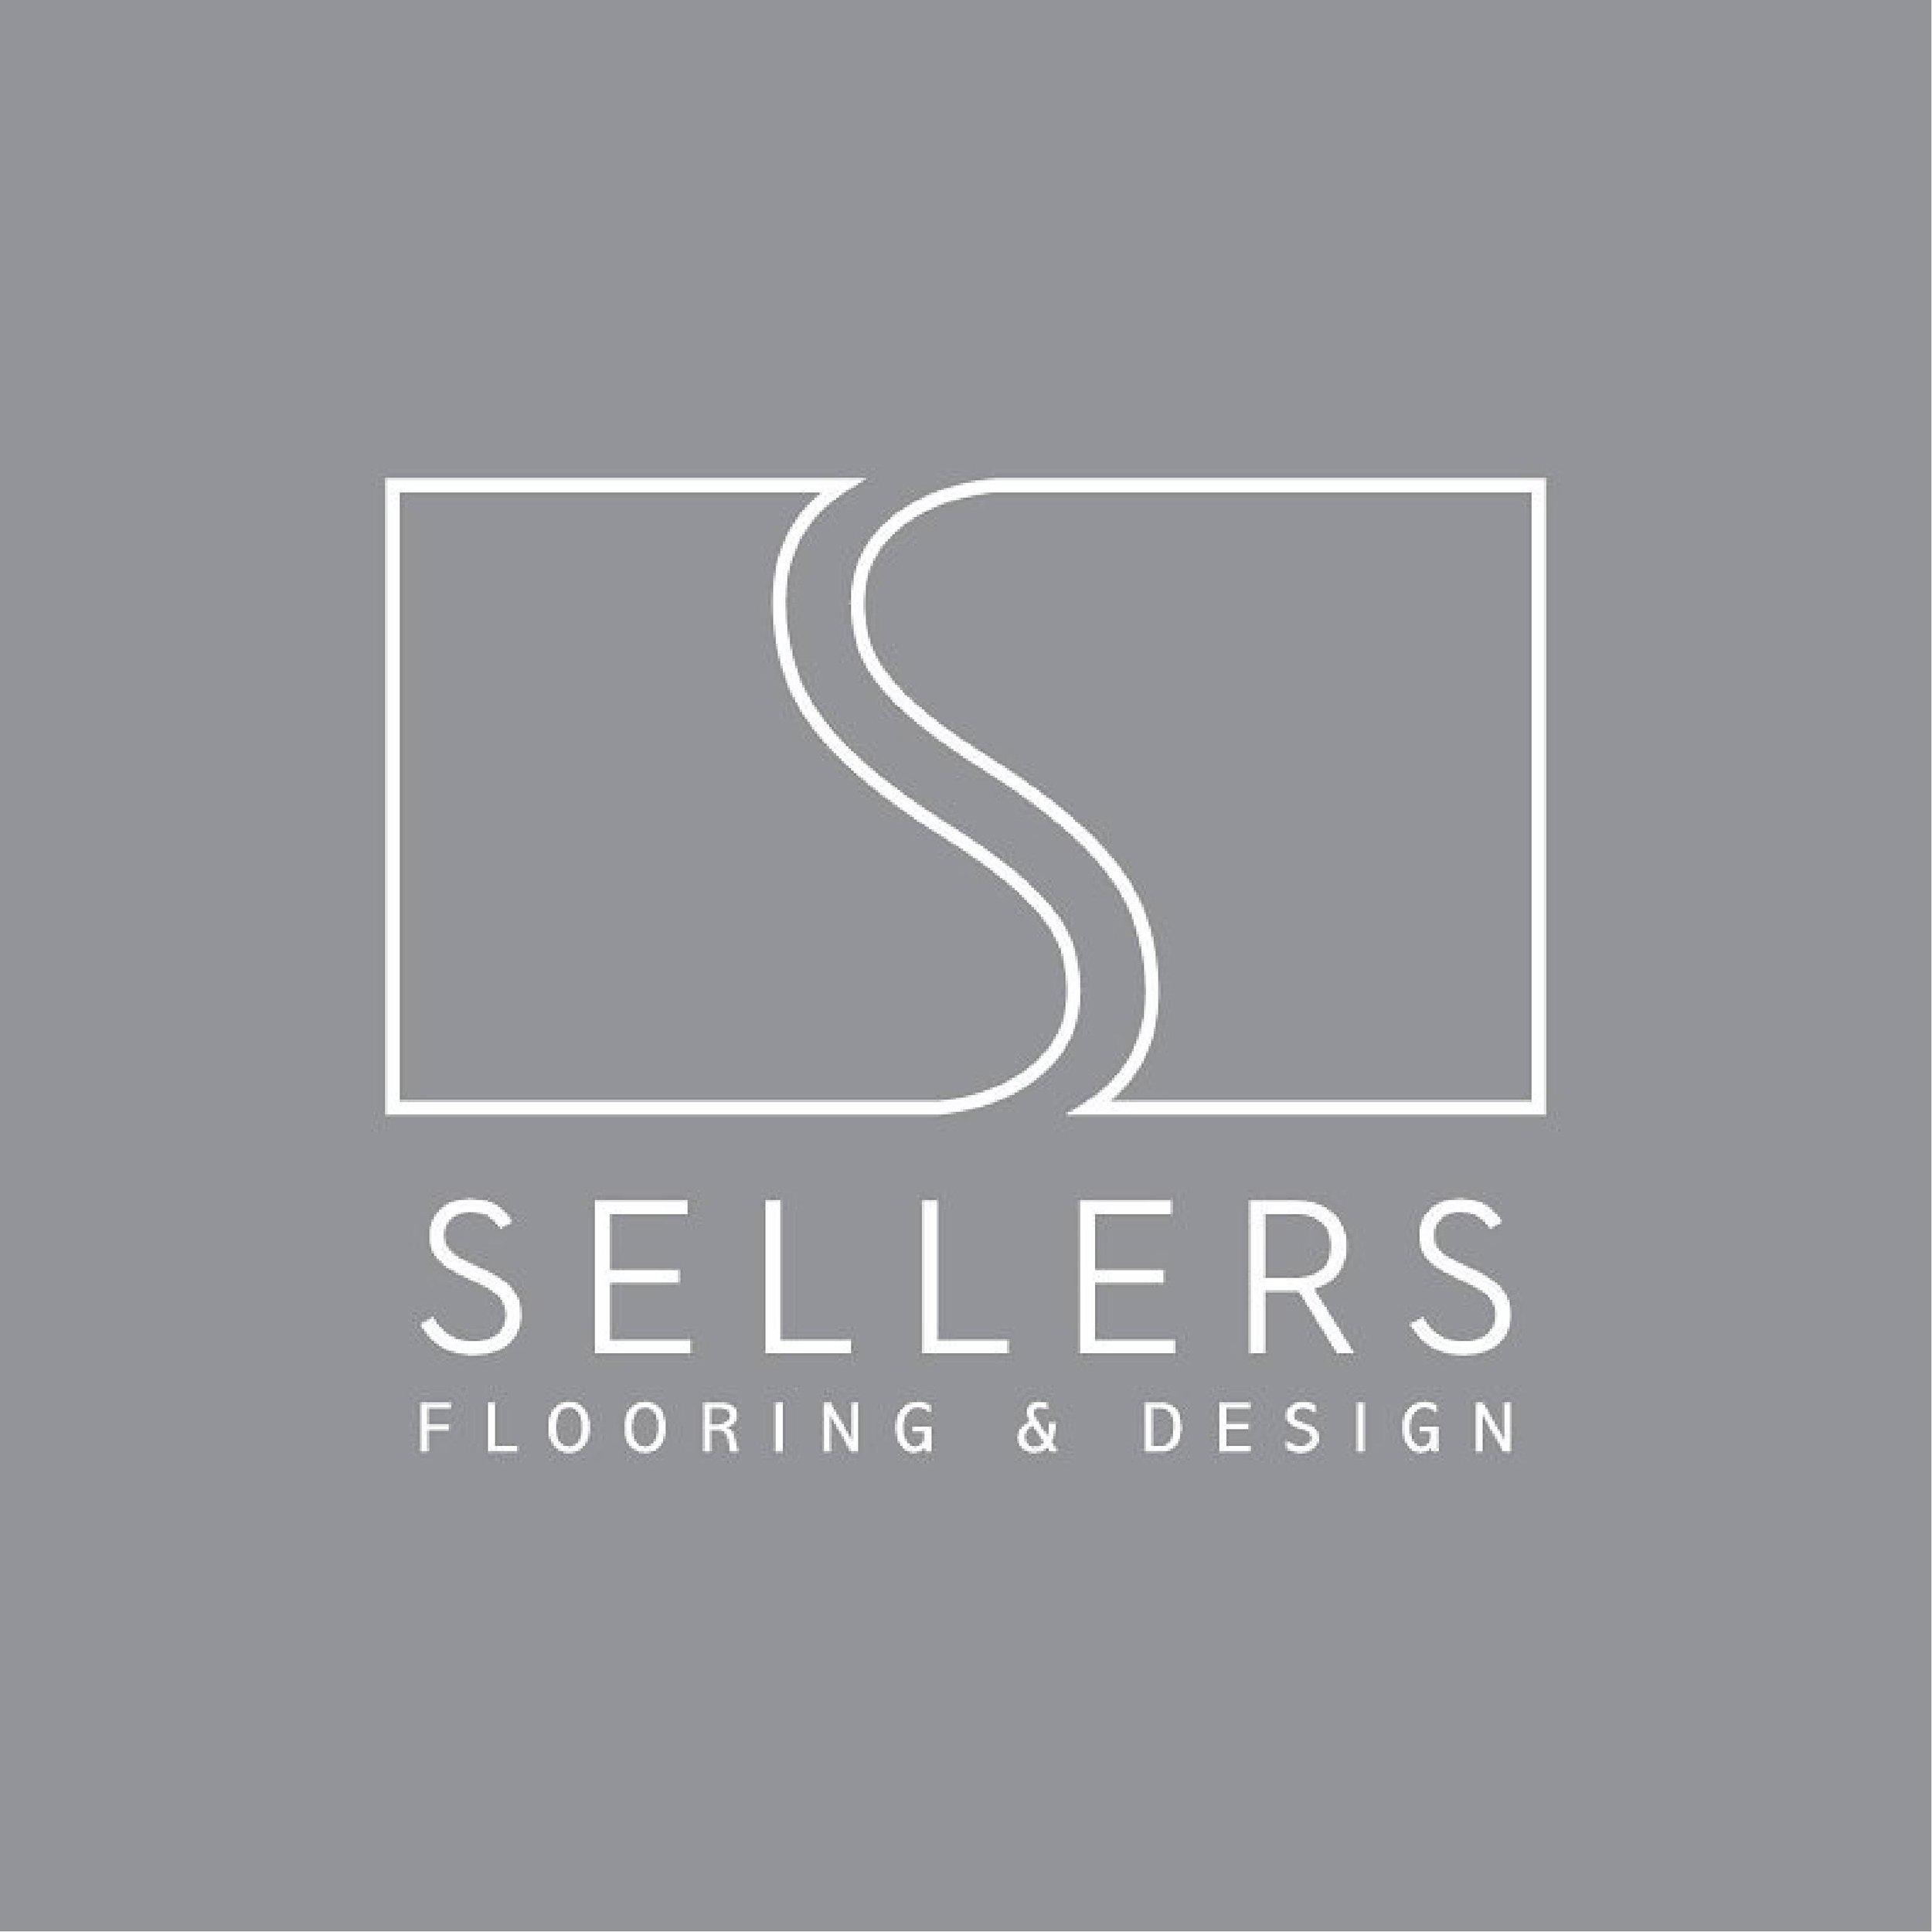 Logos&Branding-08.jpg